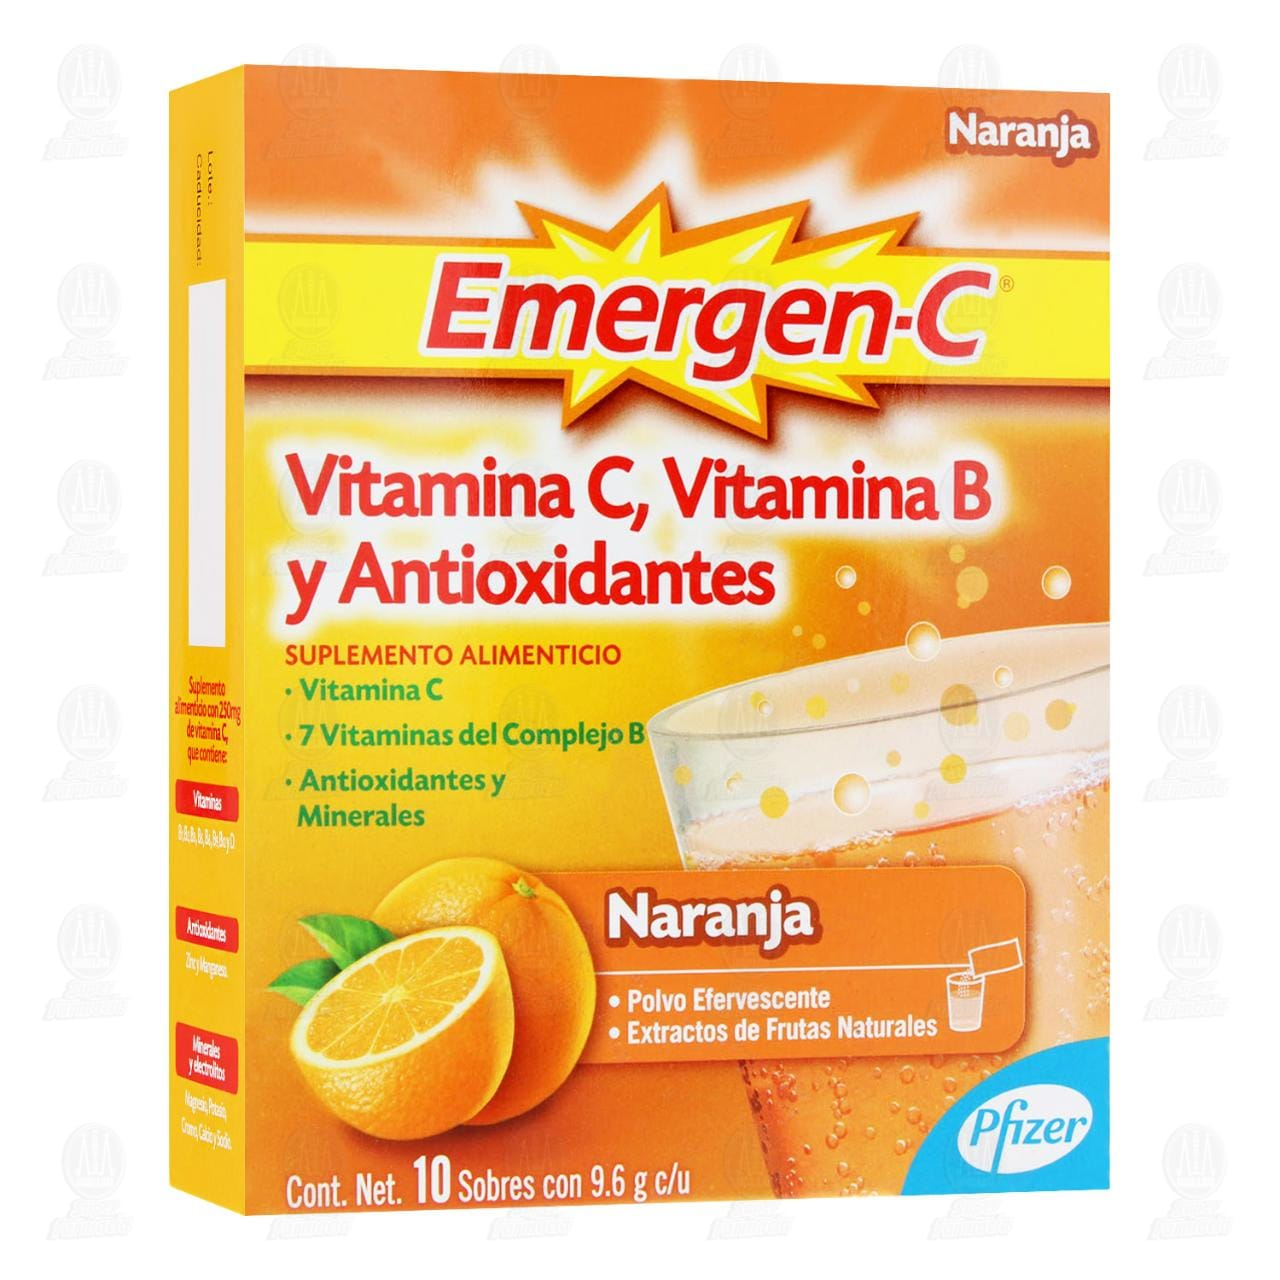 Comprar Emergen-C 9.6gr 10 Sobres Sabor Naranja en Farmacias Guadalajara